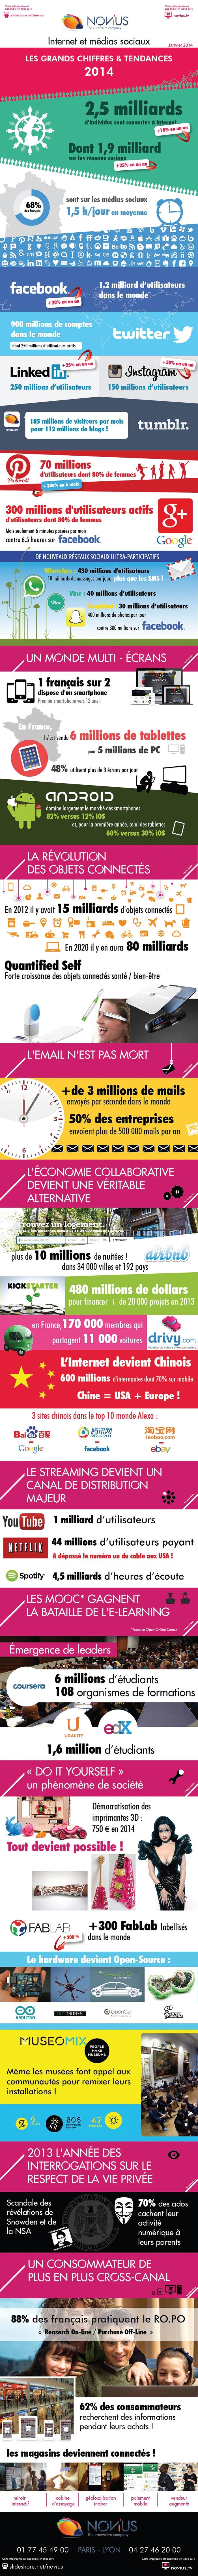 Infographie sur les tendances du web 2014